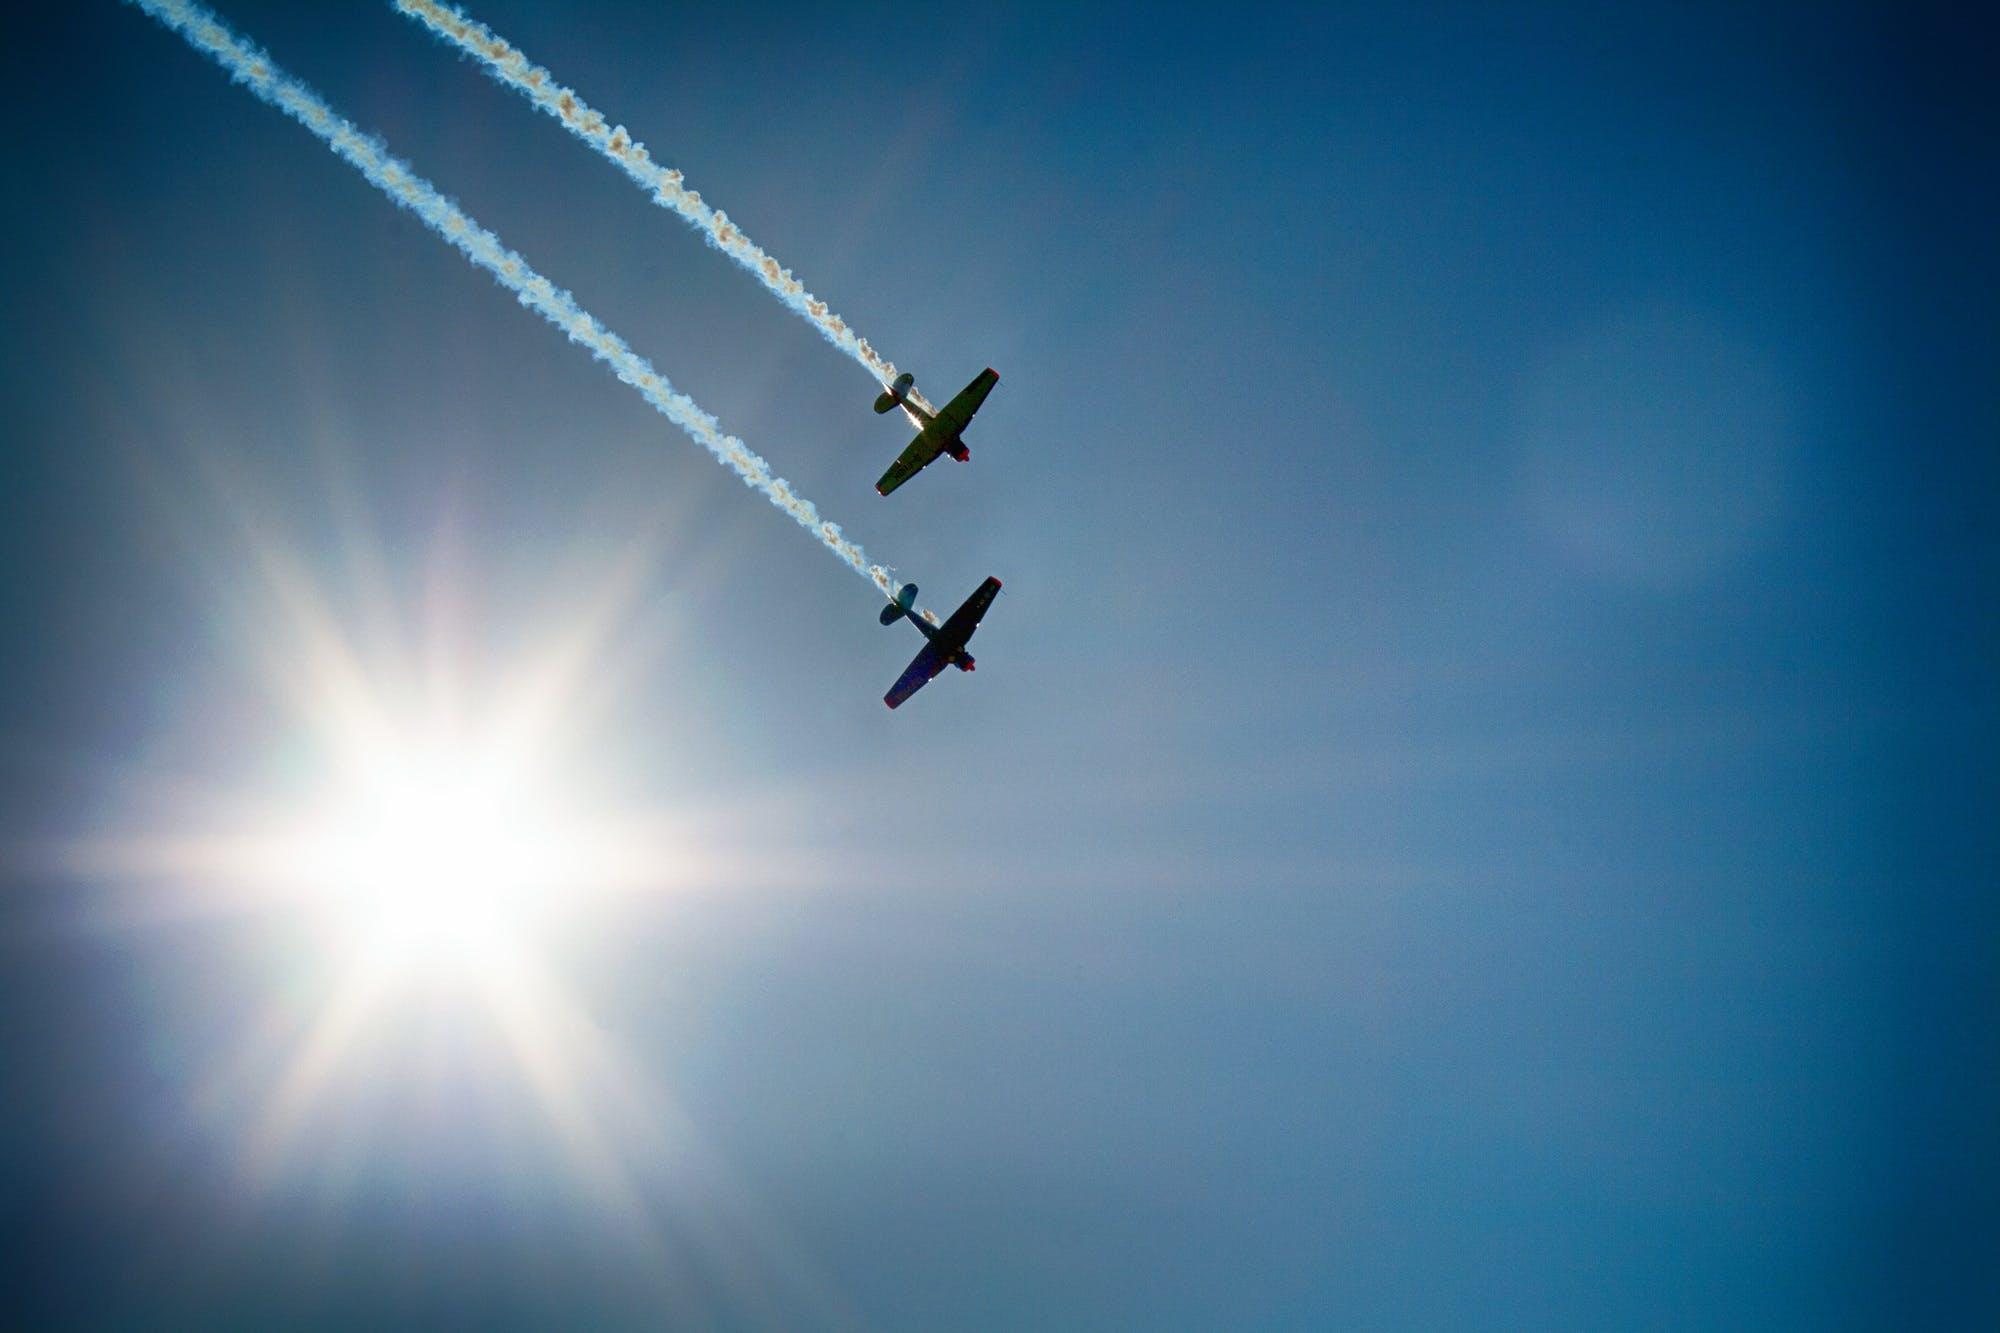 Kostenloses Stock Foto zu flug, himmel, sonne, luftfahrt